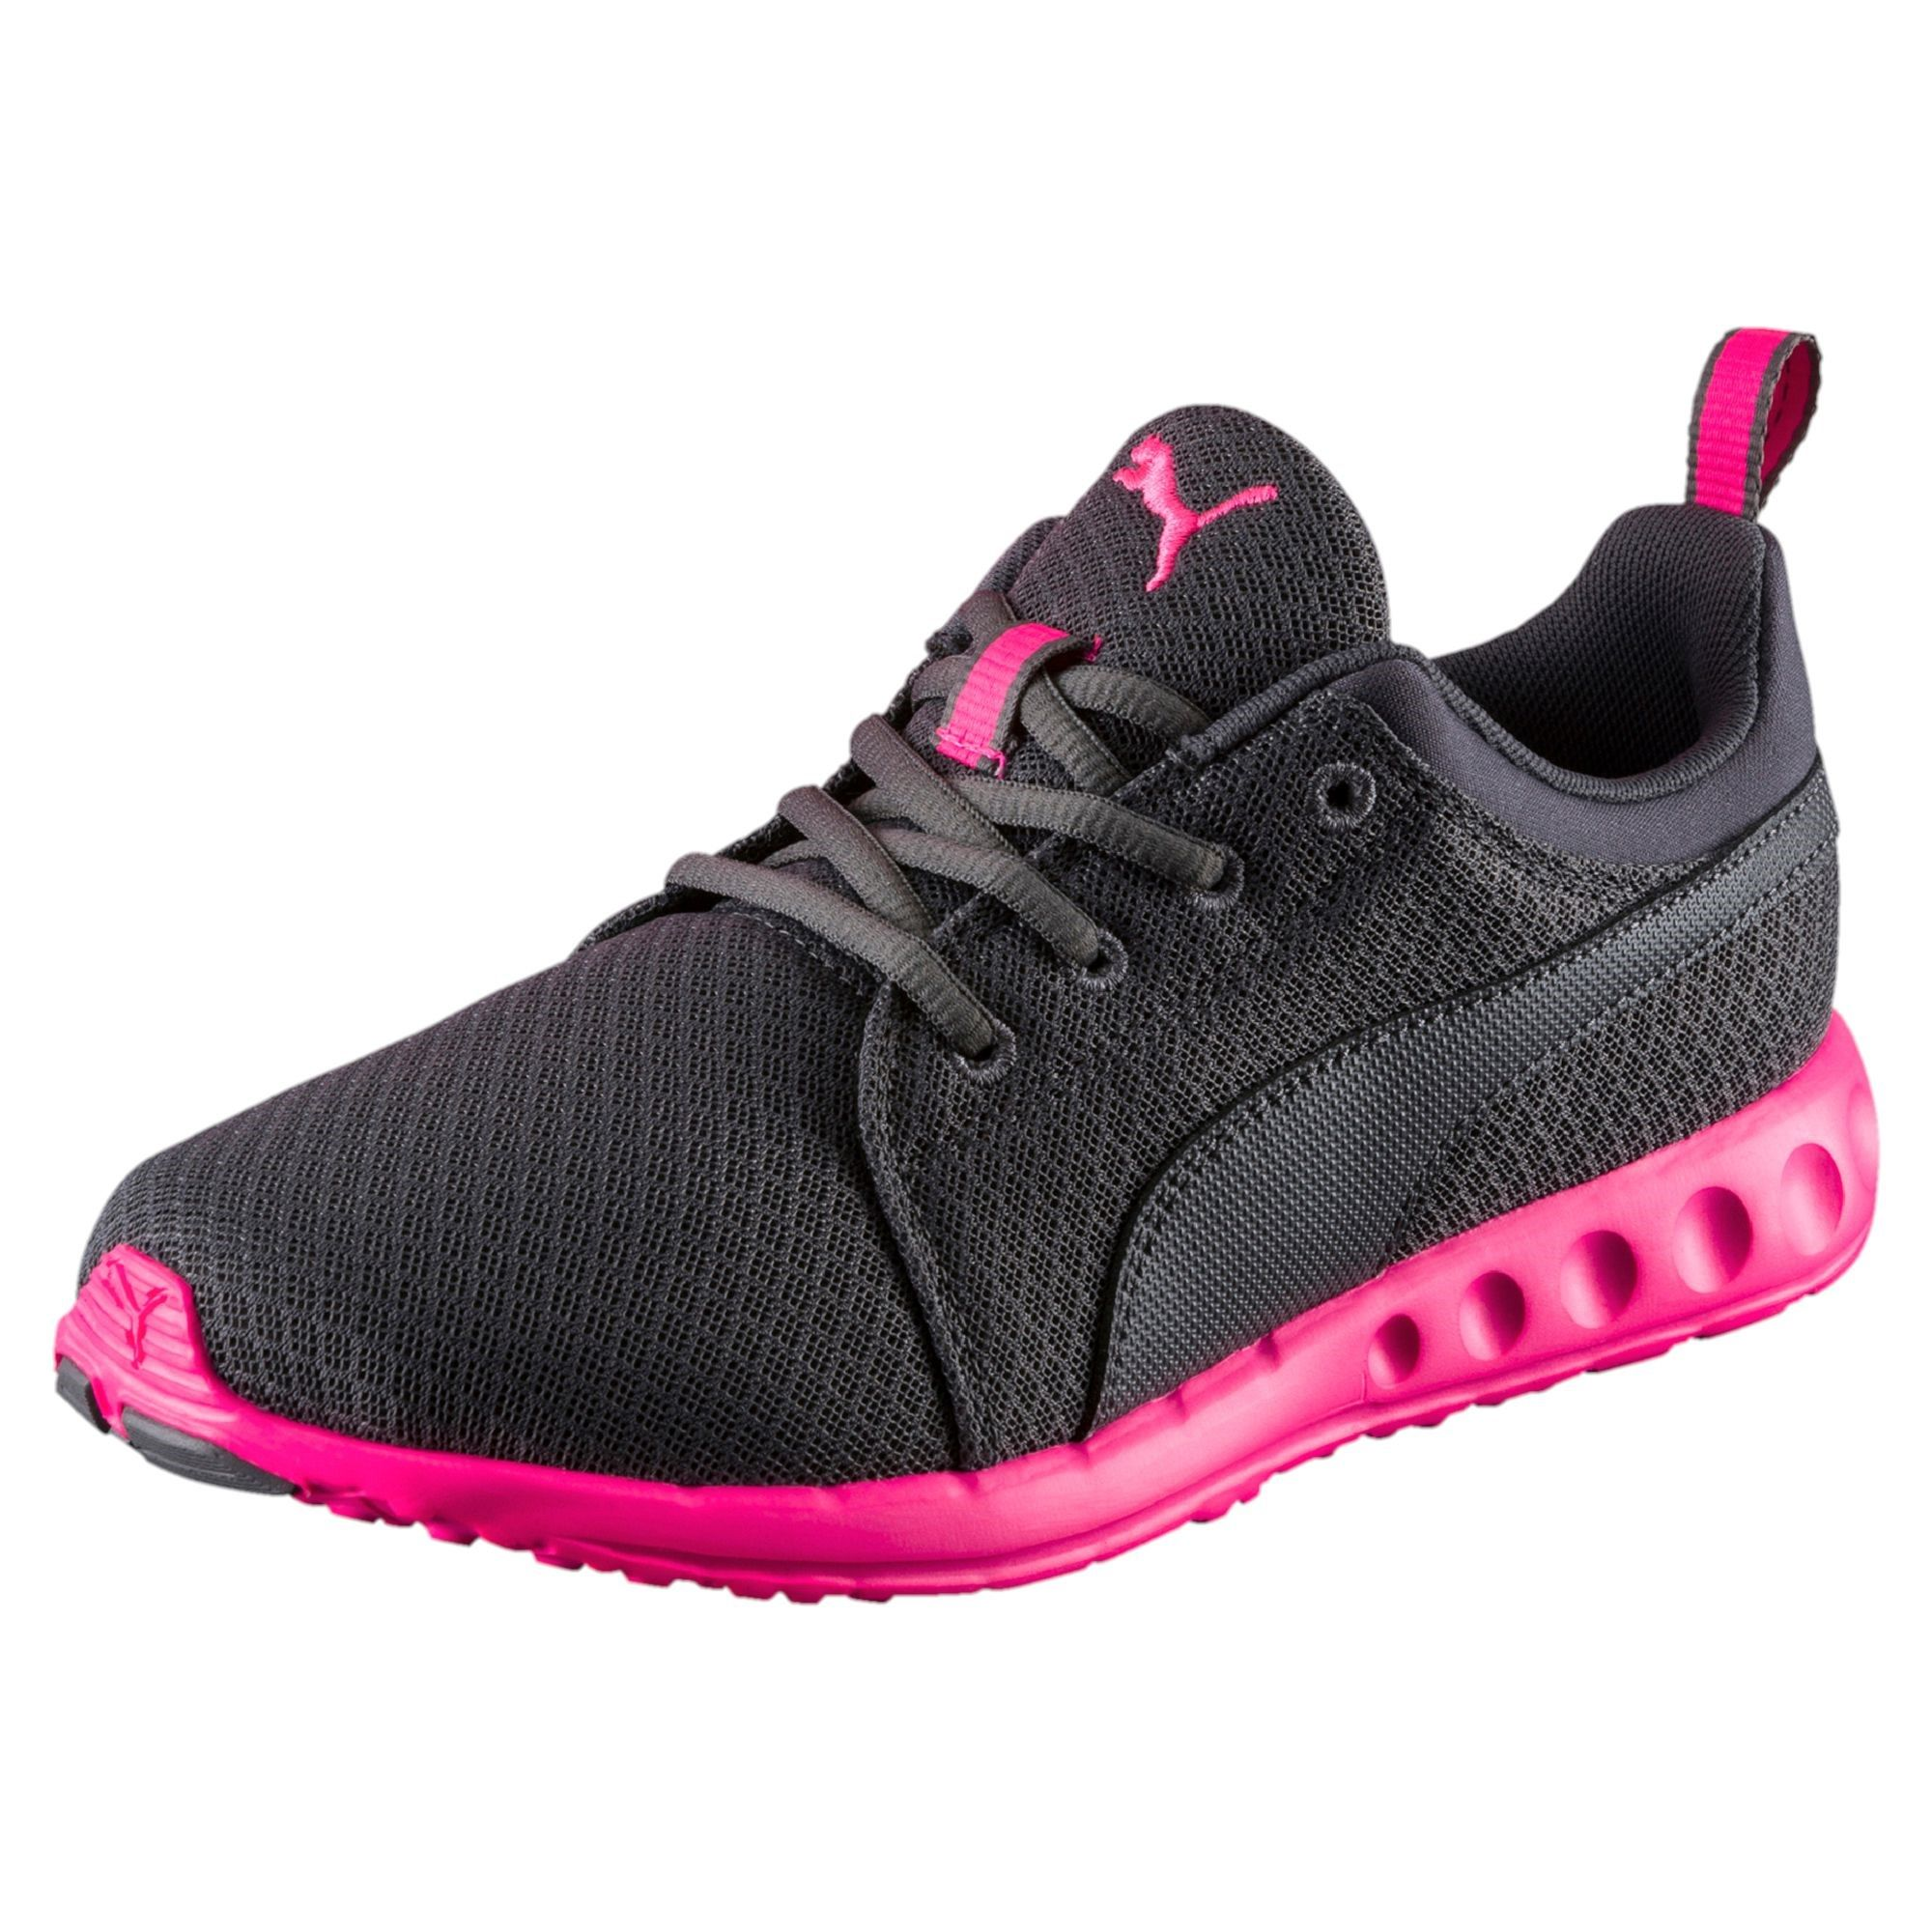 Puma Carson Mesh Kadın Koşu Ayakkabısı Gri 18902506